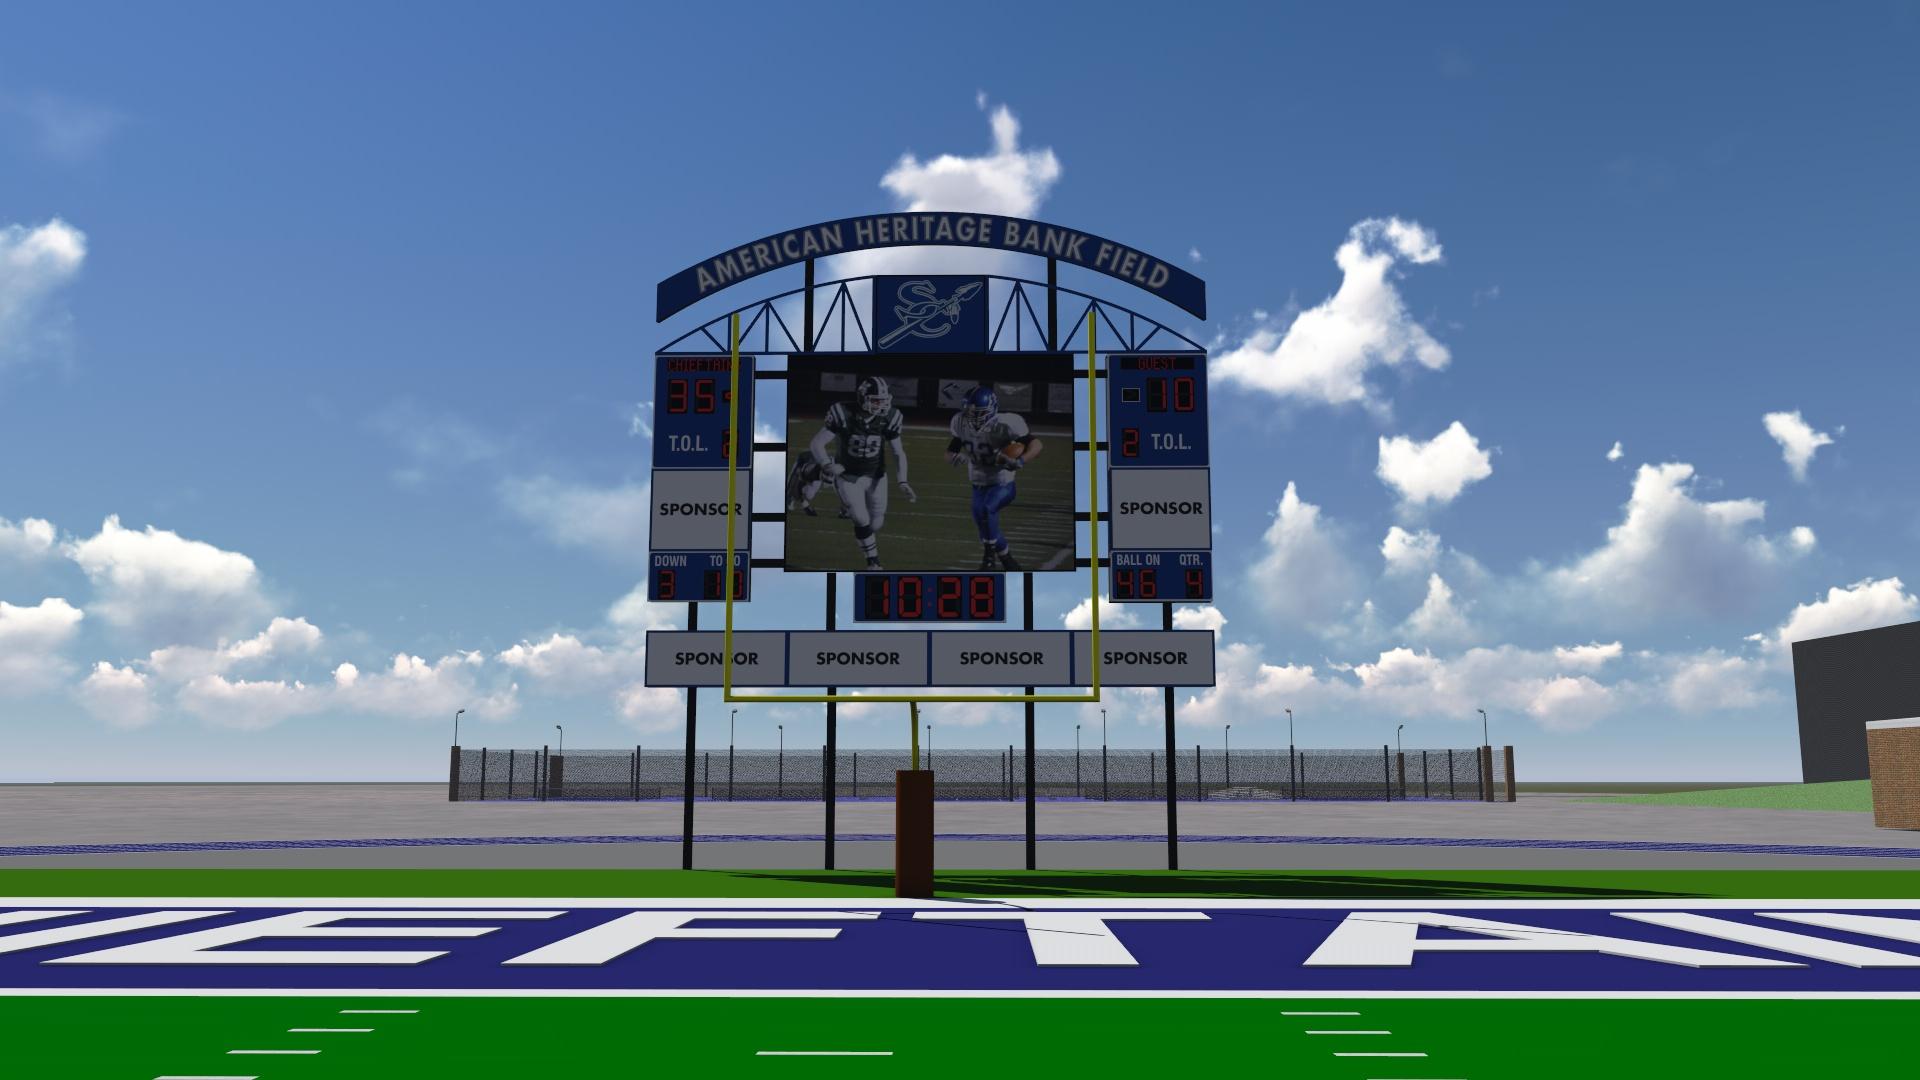 Field scoreboard rendering